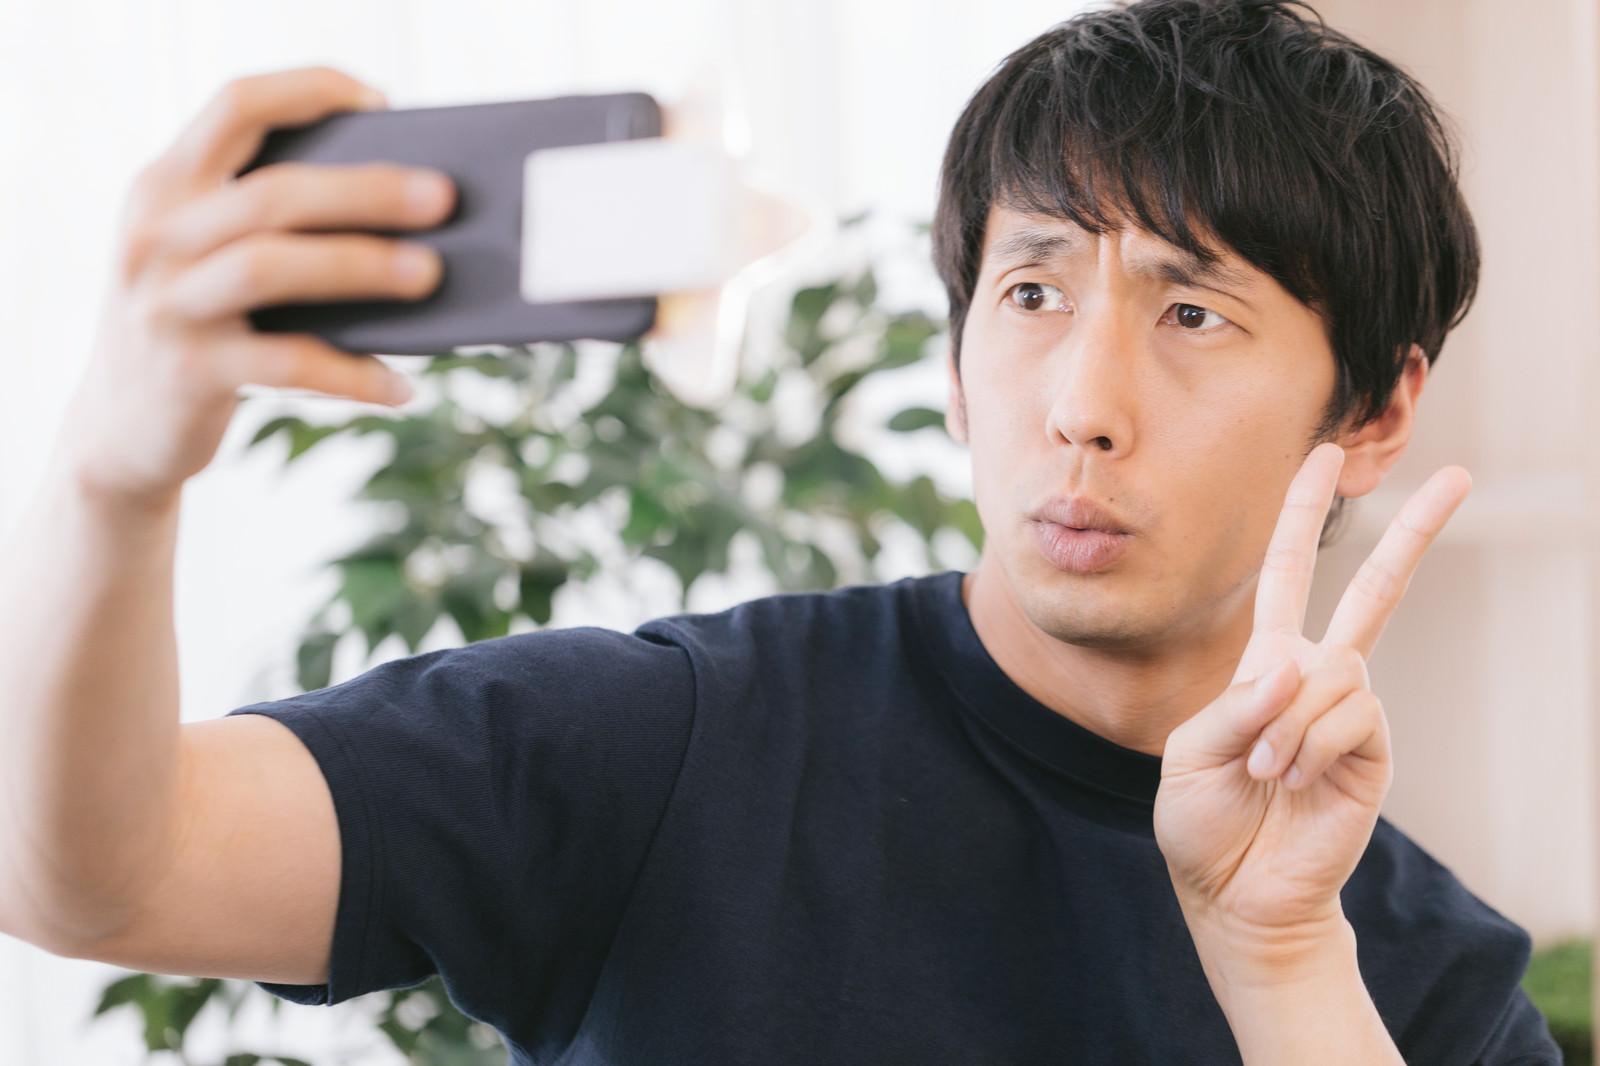 「星型の自撮りライトを使っても表情が暗い男性星型の自撮りライトを使っても表情が暗い男性」[モデル:大川竜弥]のフリー写真素材を拡大